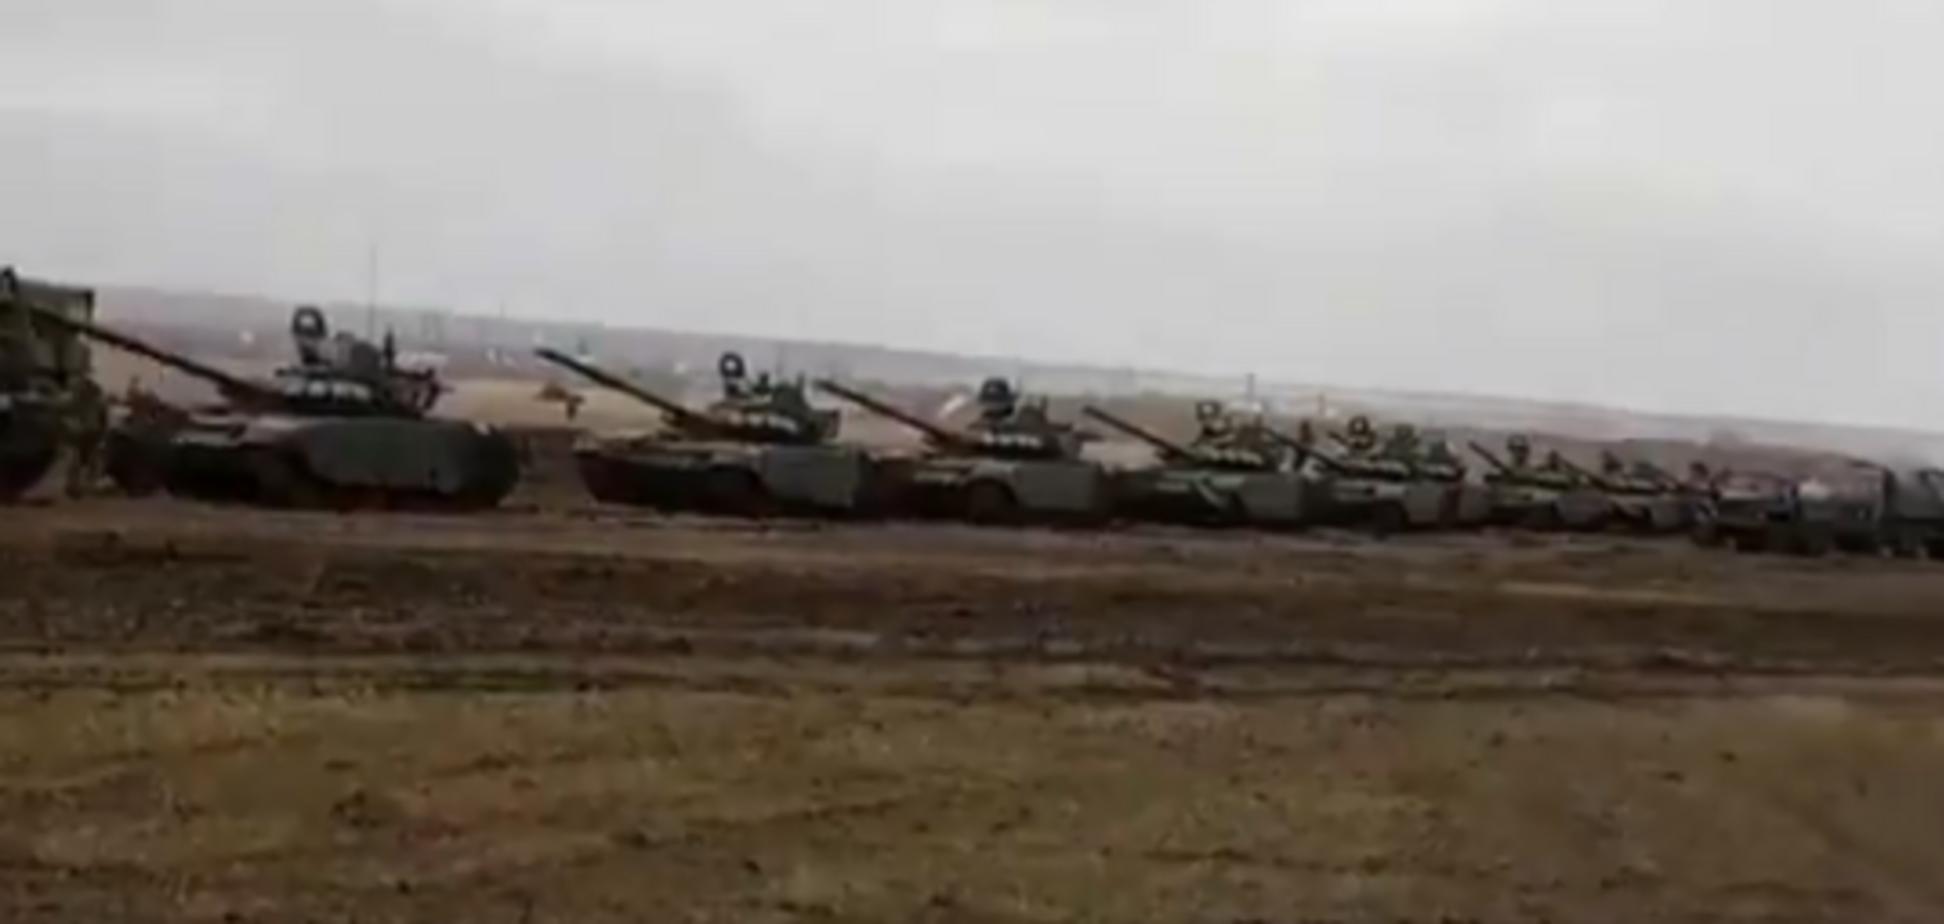 Російські танки помічені недалеко від кордонів України: з'явилося відео